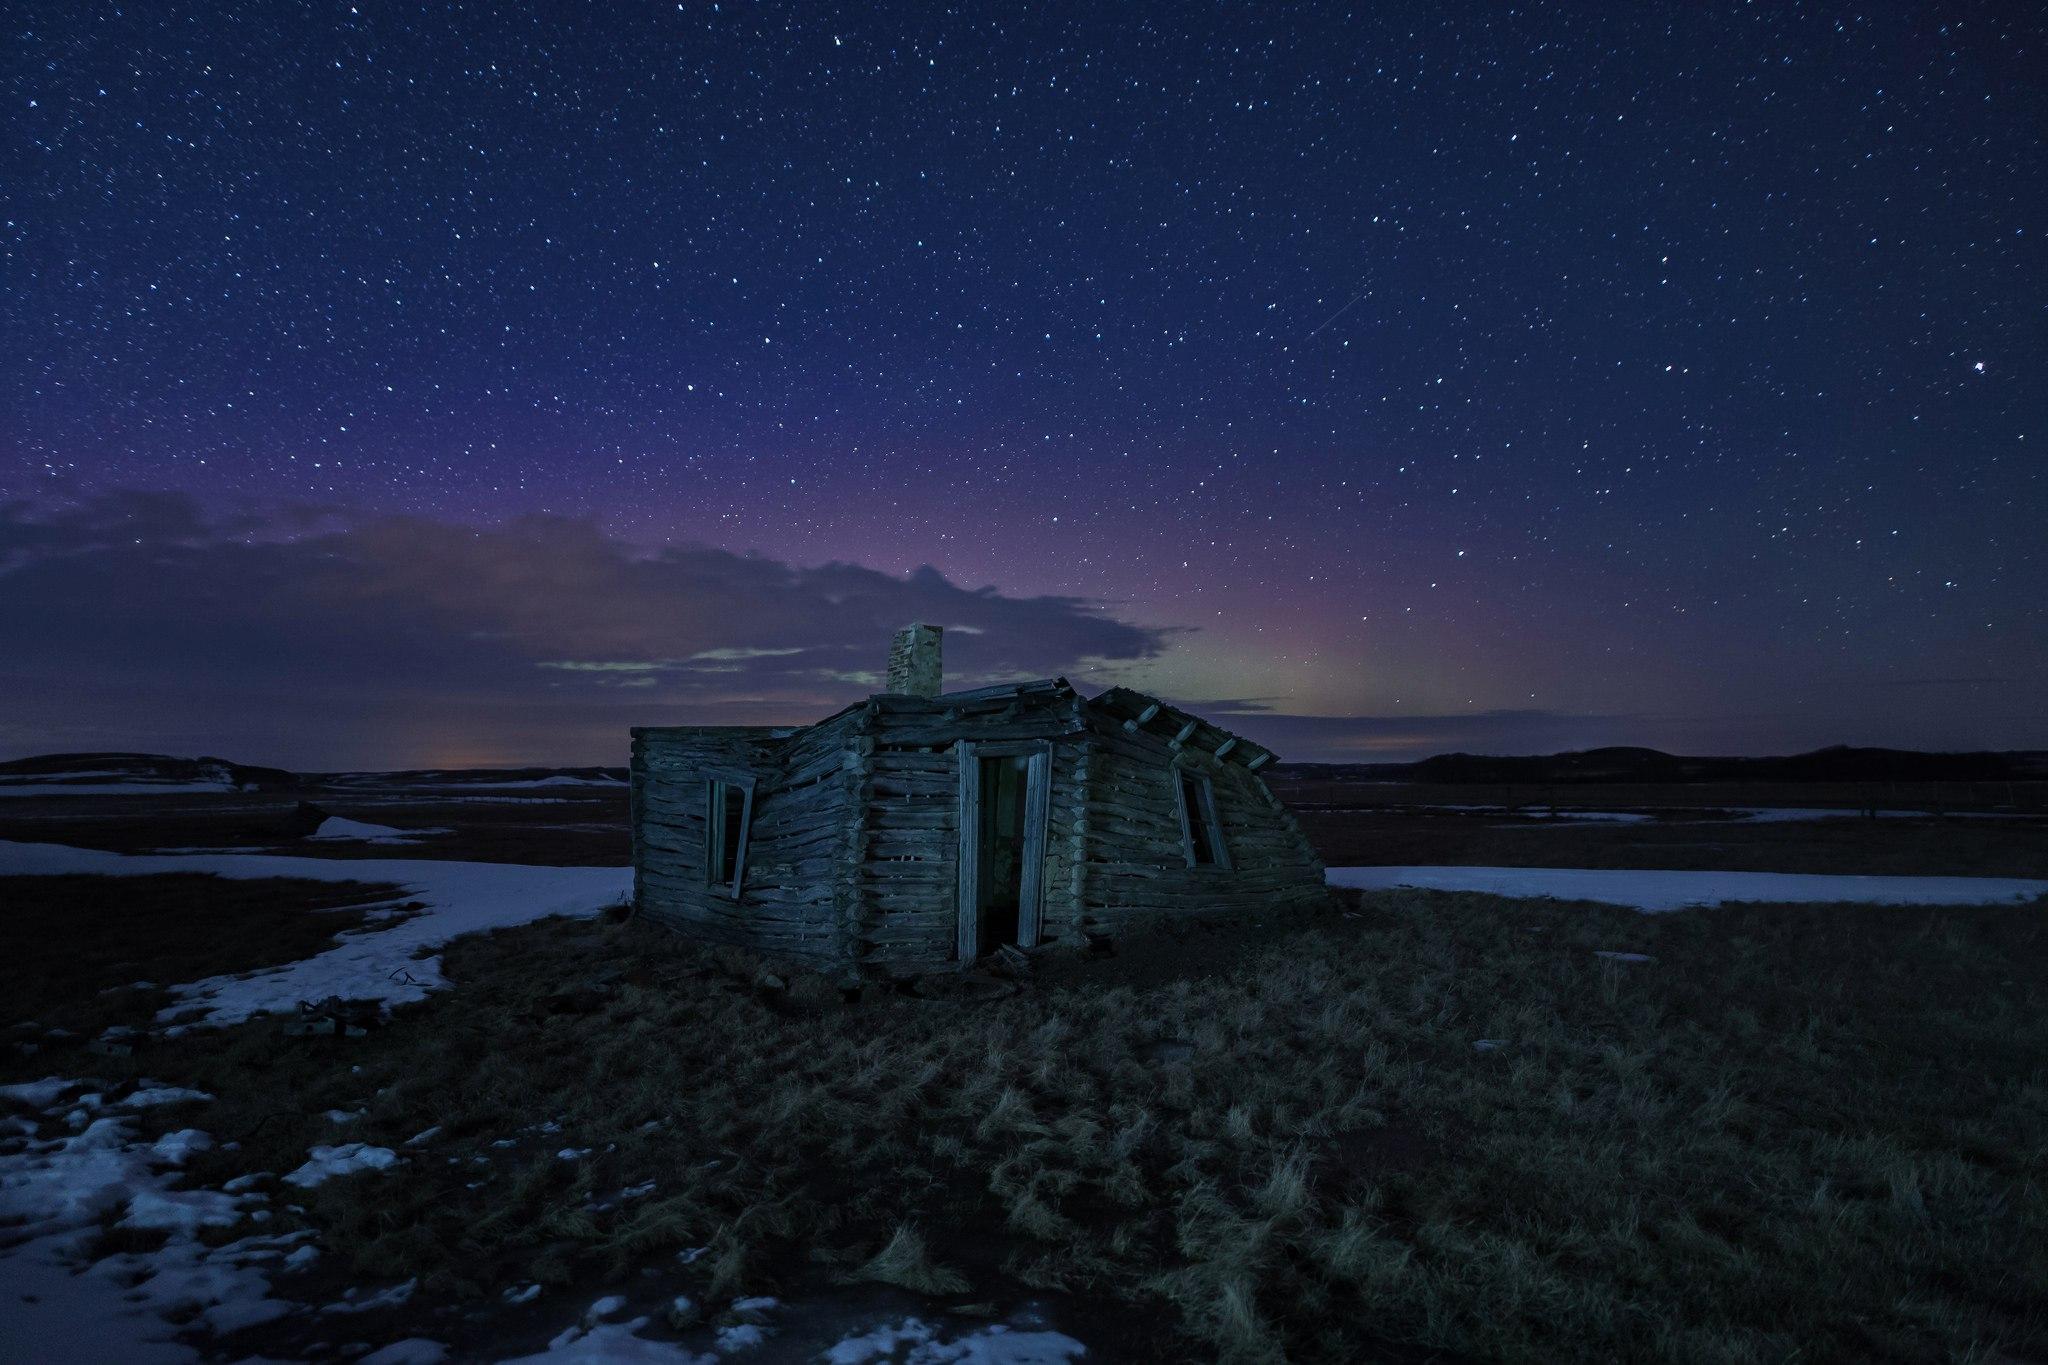 Звёздное небо и космос в картинках - Страница 20 Ghul3WkM9dU